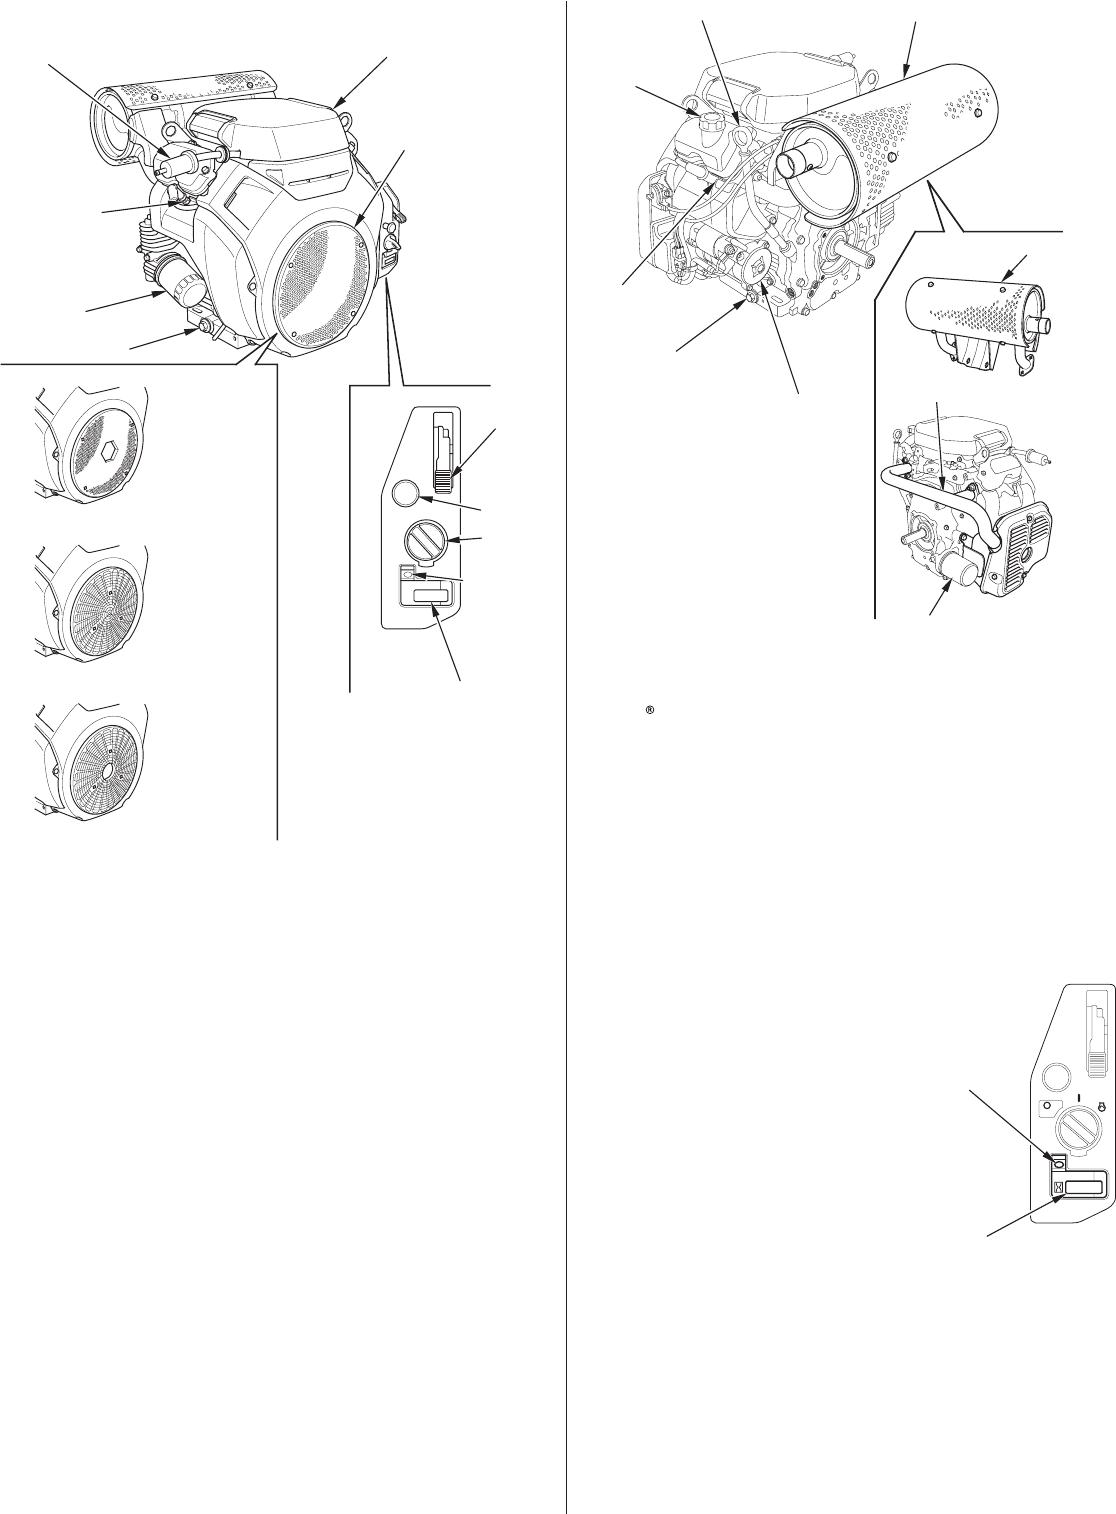 Bedienungsanleitung Honda Gx660 Seite 1 Von 60 Englisch Spanisch Gx690 Wiring Diagram English